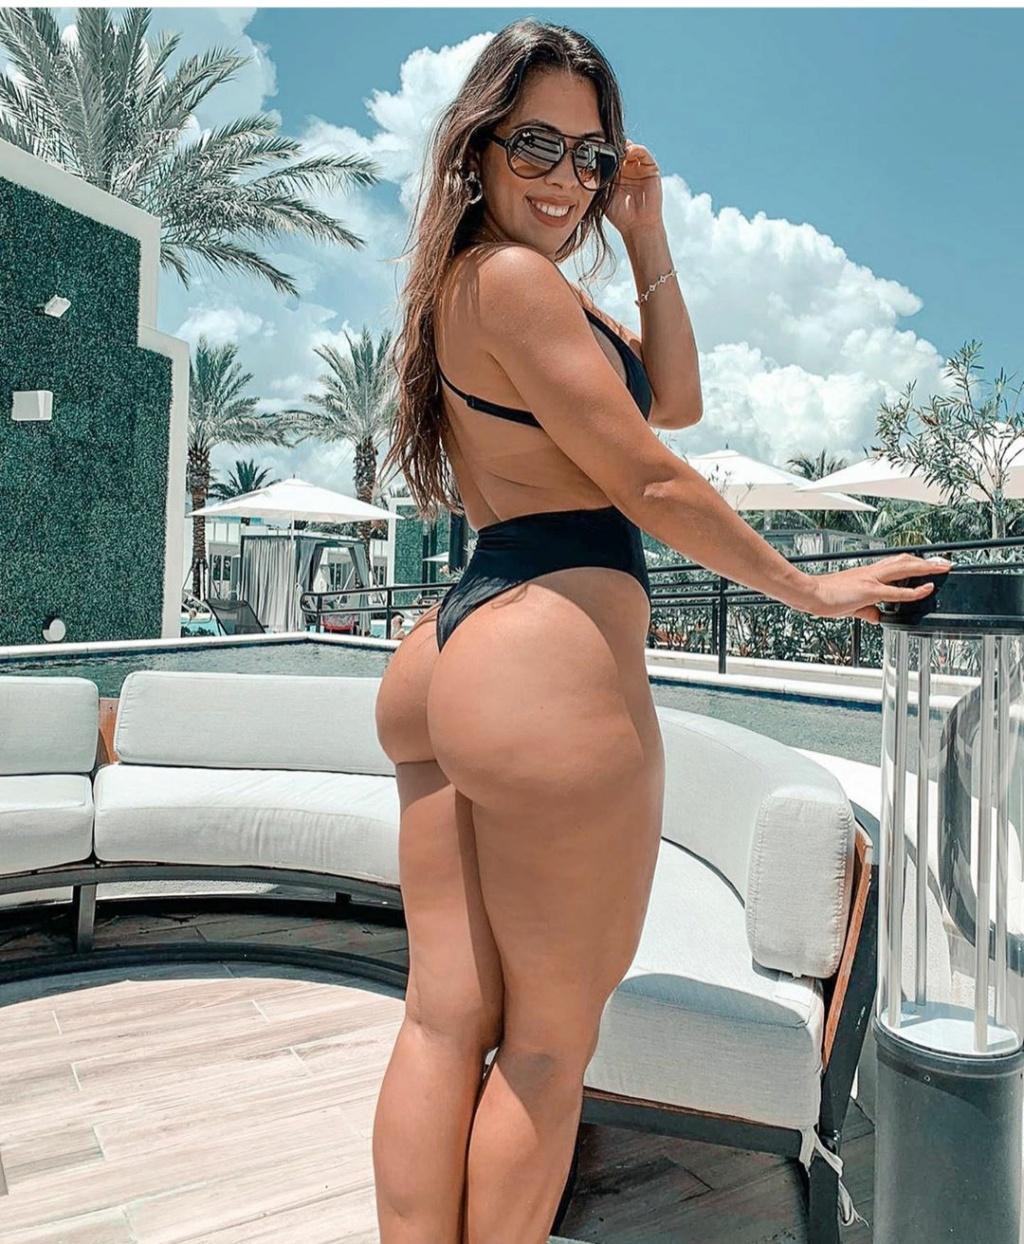 DEBATE sobre belleza, guapura y hermosura (fotos de chicas latinas, mestizas, y de todo) - VOL II - Página 7 Img_2303